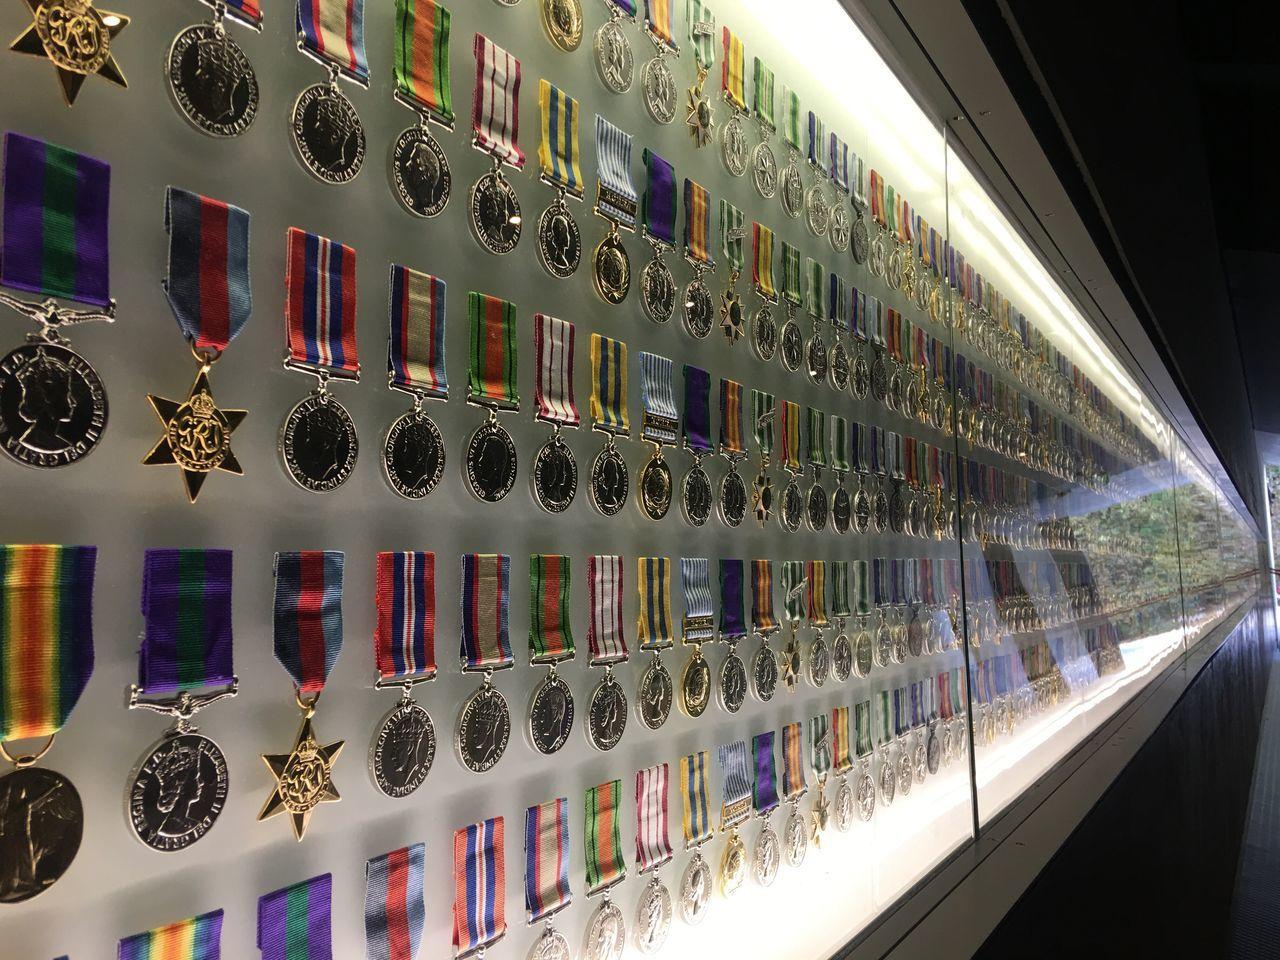 Anzac Memorial War Sorrow ANZAC Ww1 Ww2